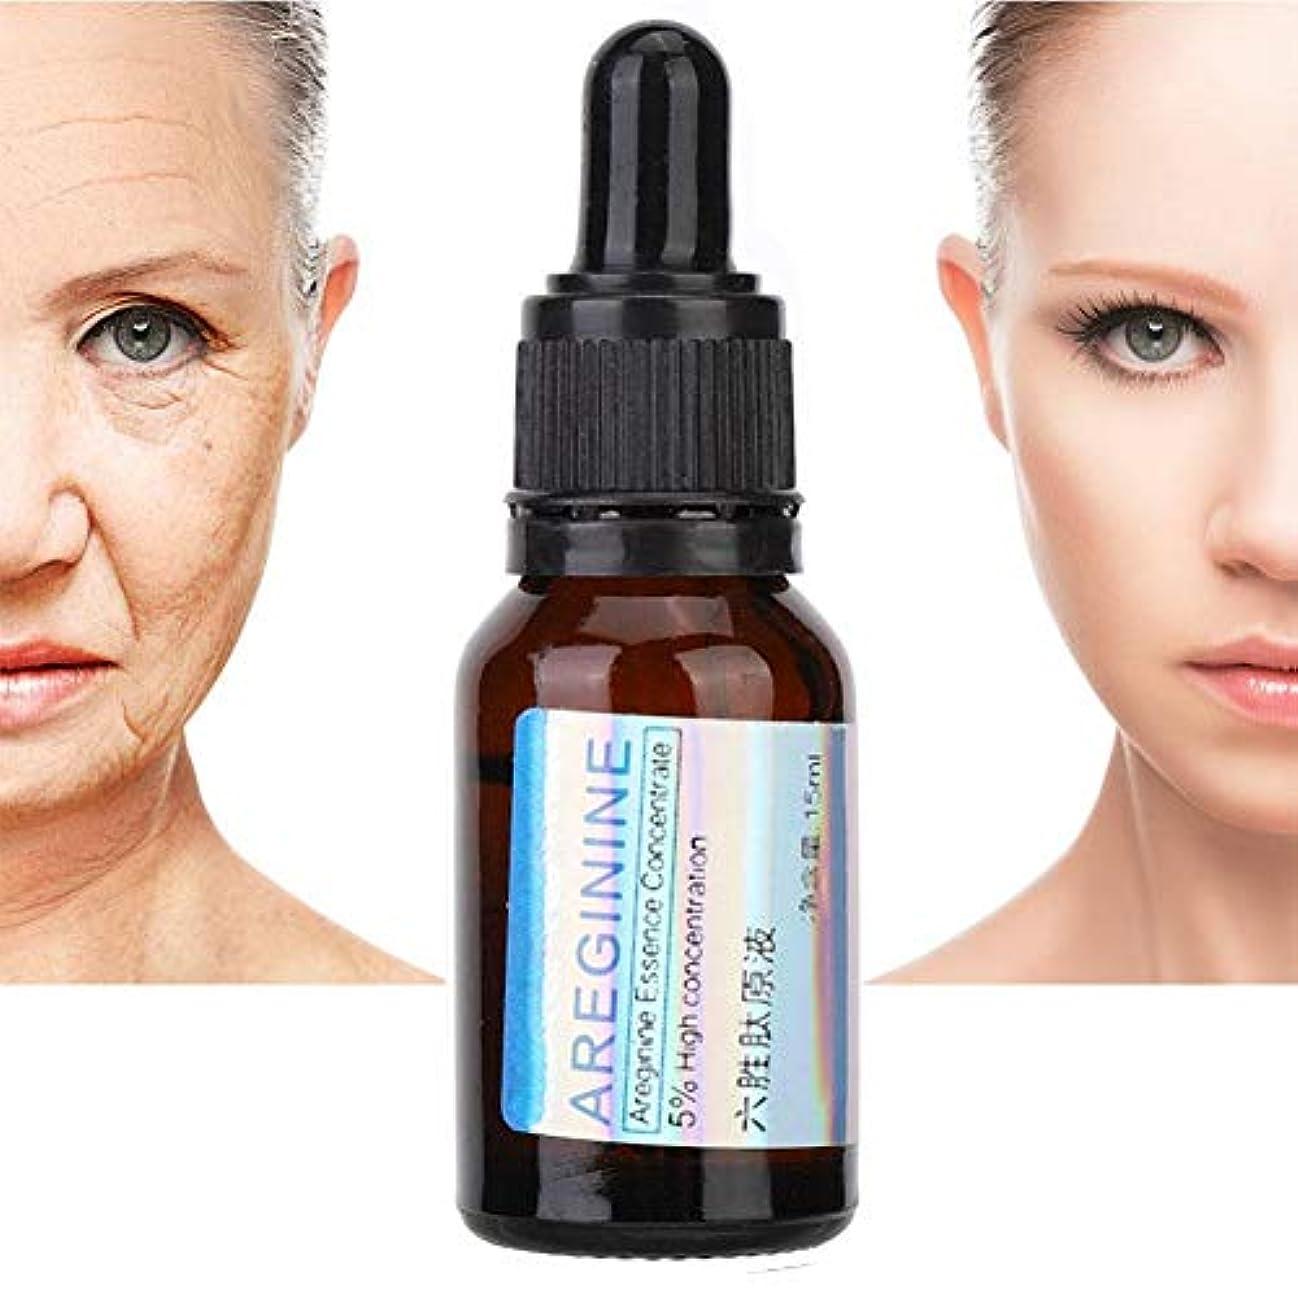 鉄道コンピューター方言しわ血清、顔と体のマッサージのためのエッセンシャルオイルに濃縮された15mlの治療用保湿剤、顔の引き締め治療